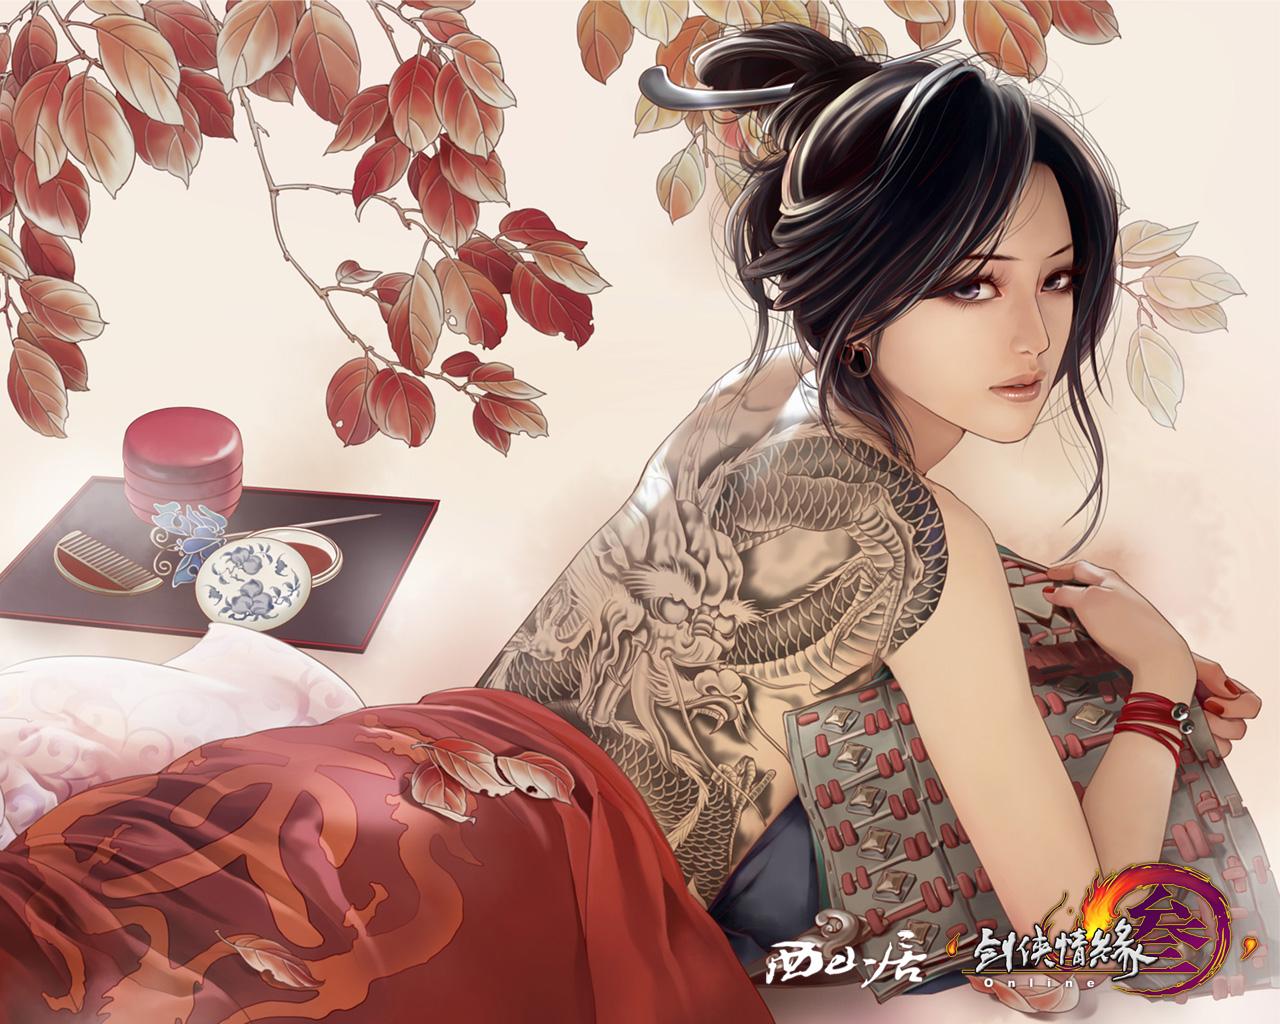 手绘古装美女图手绘古装妖娆女子古装手绘妖艳美女